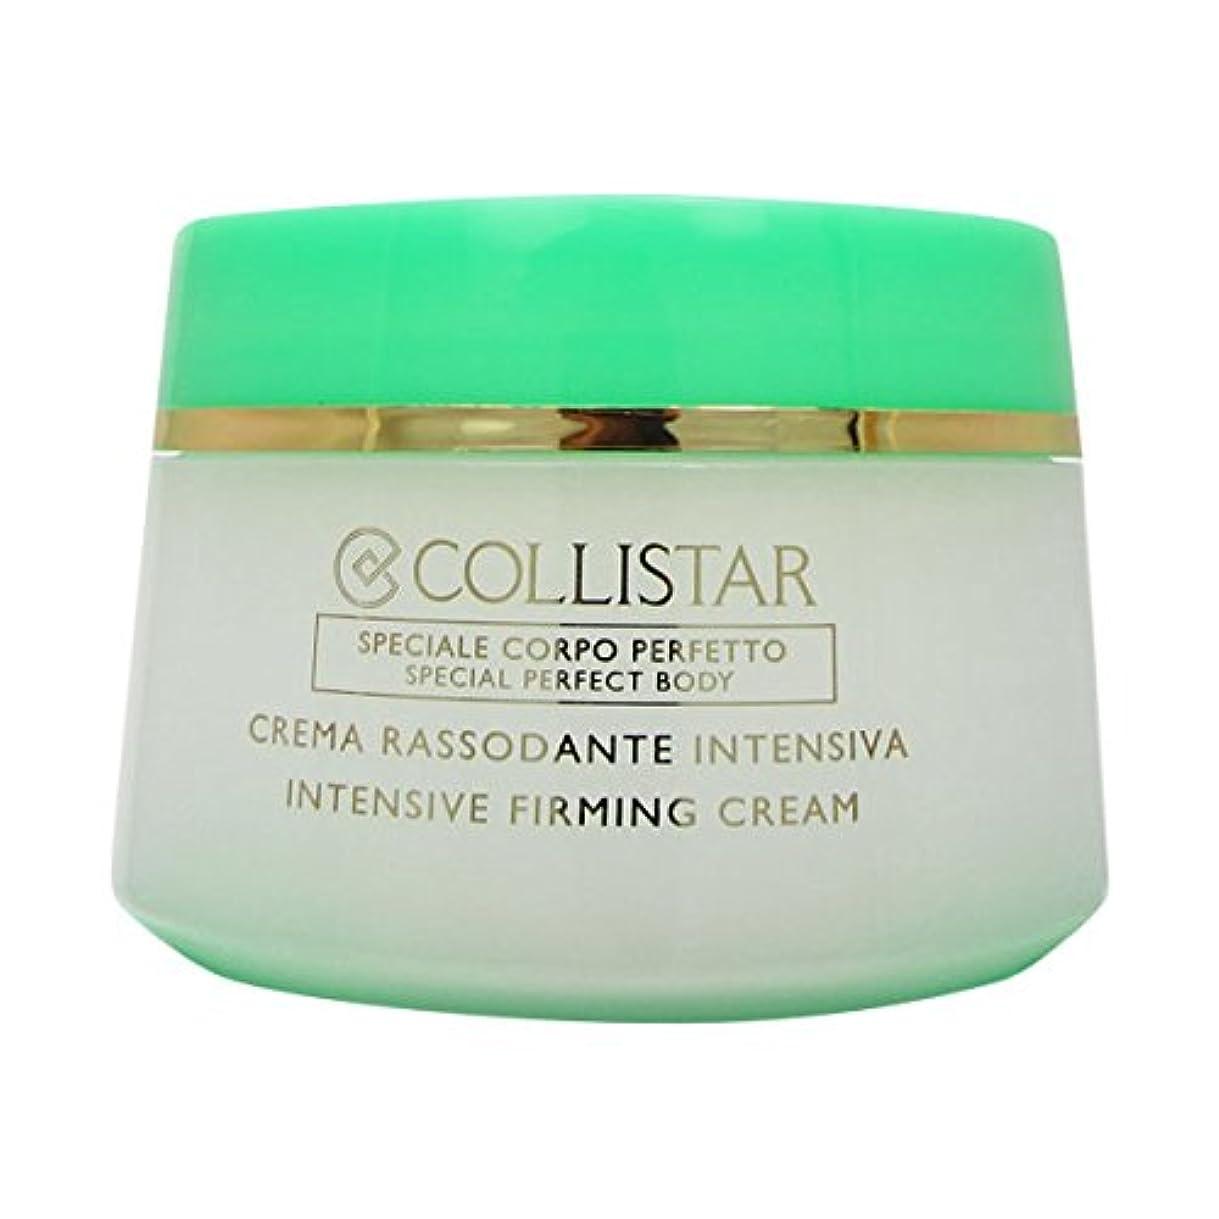 相関する菊争うCollistar Intensive Firming Cream 400ml [並行輸入品]